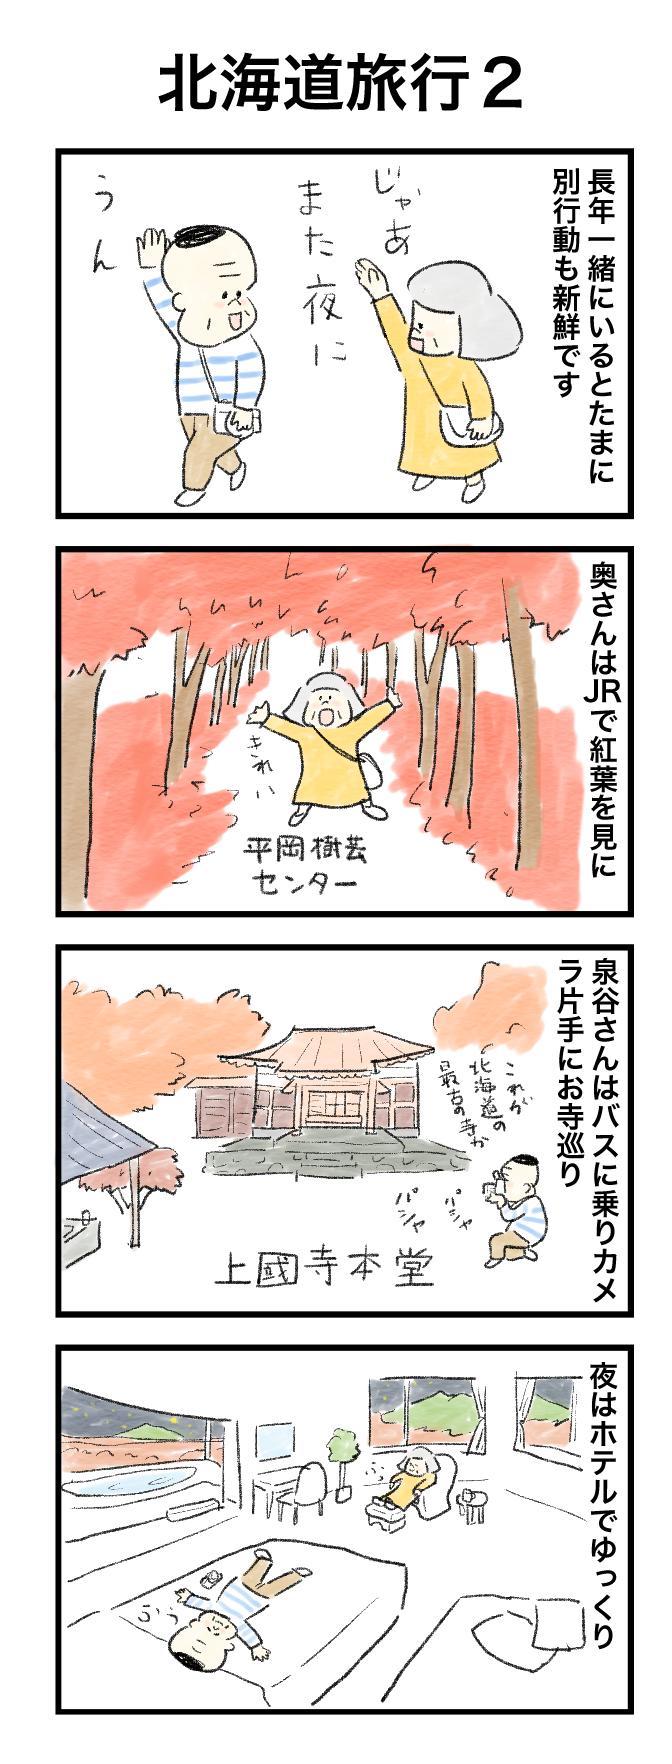 今日の泉谷さん【56】 作:カワサキヒロシ「北海道旅行2」